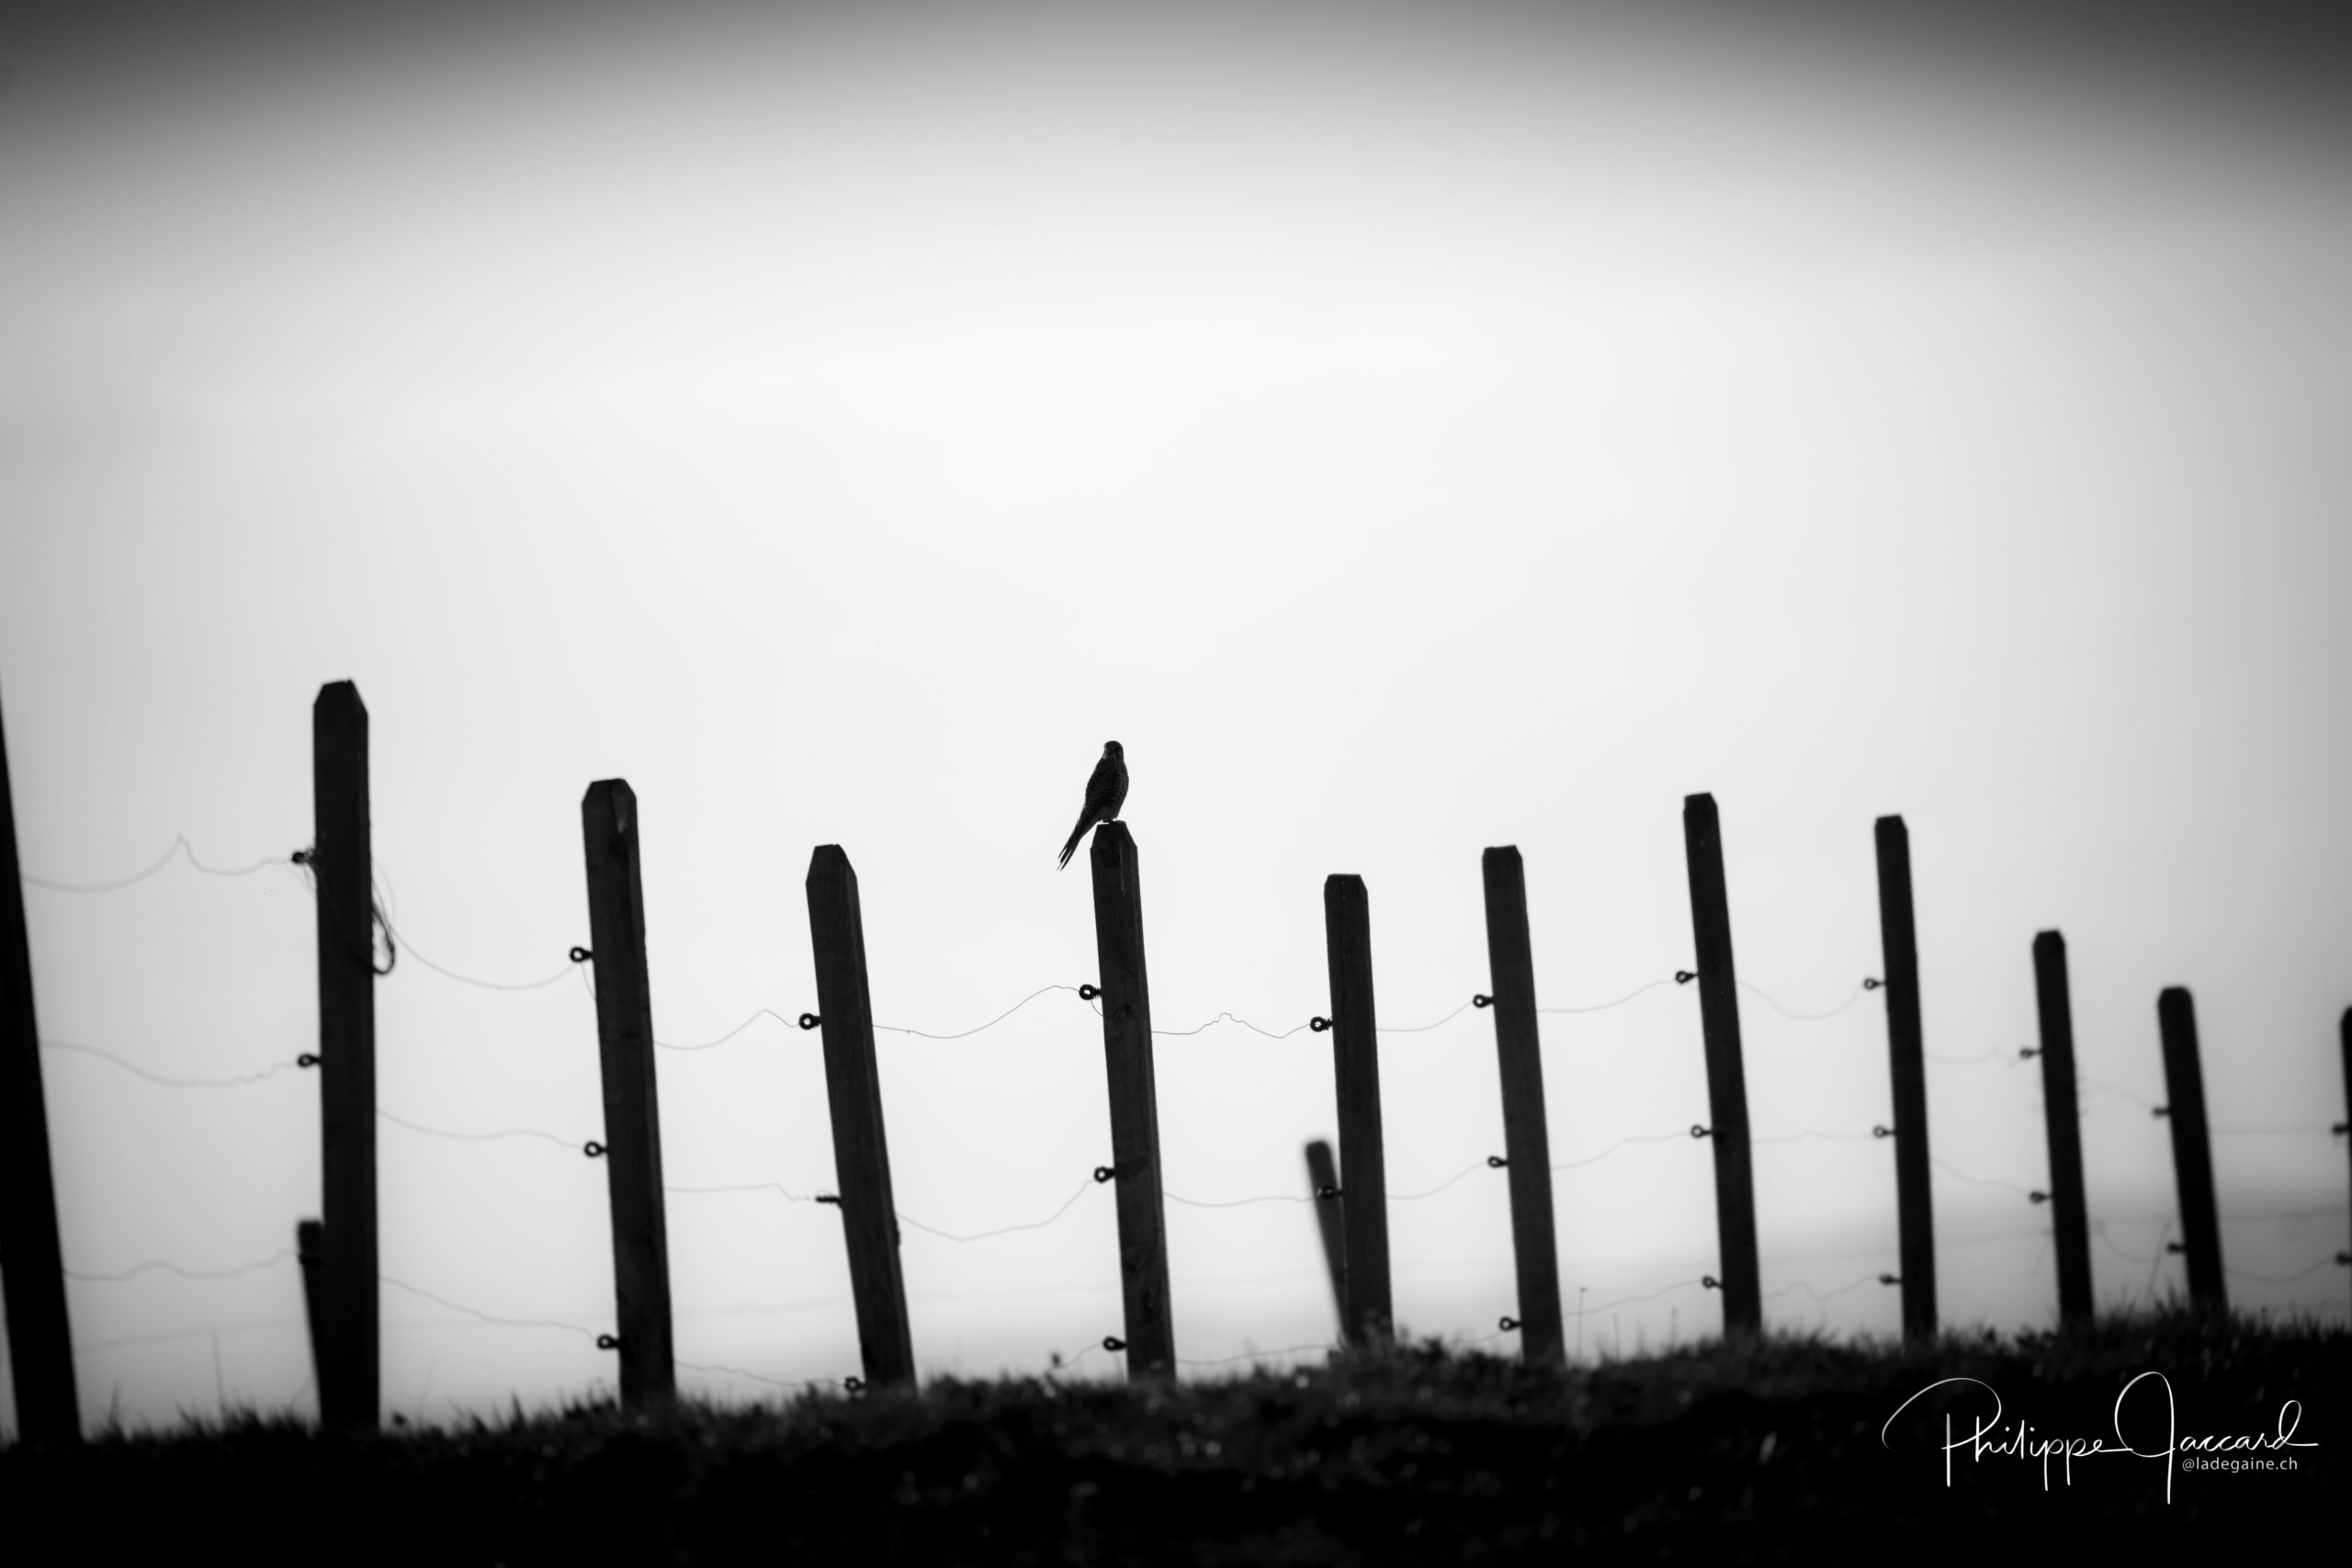 Faucon crécerelle en chasse @ près de chez moi par Philippe Jaccard